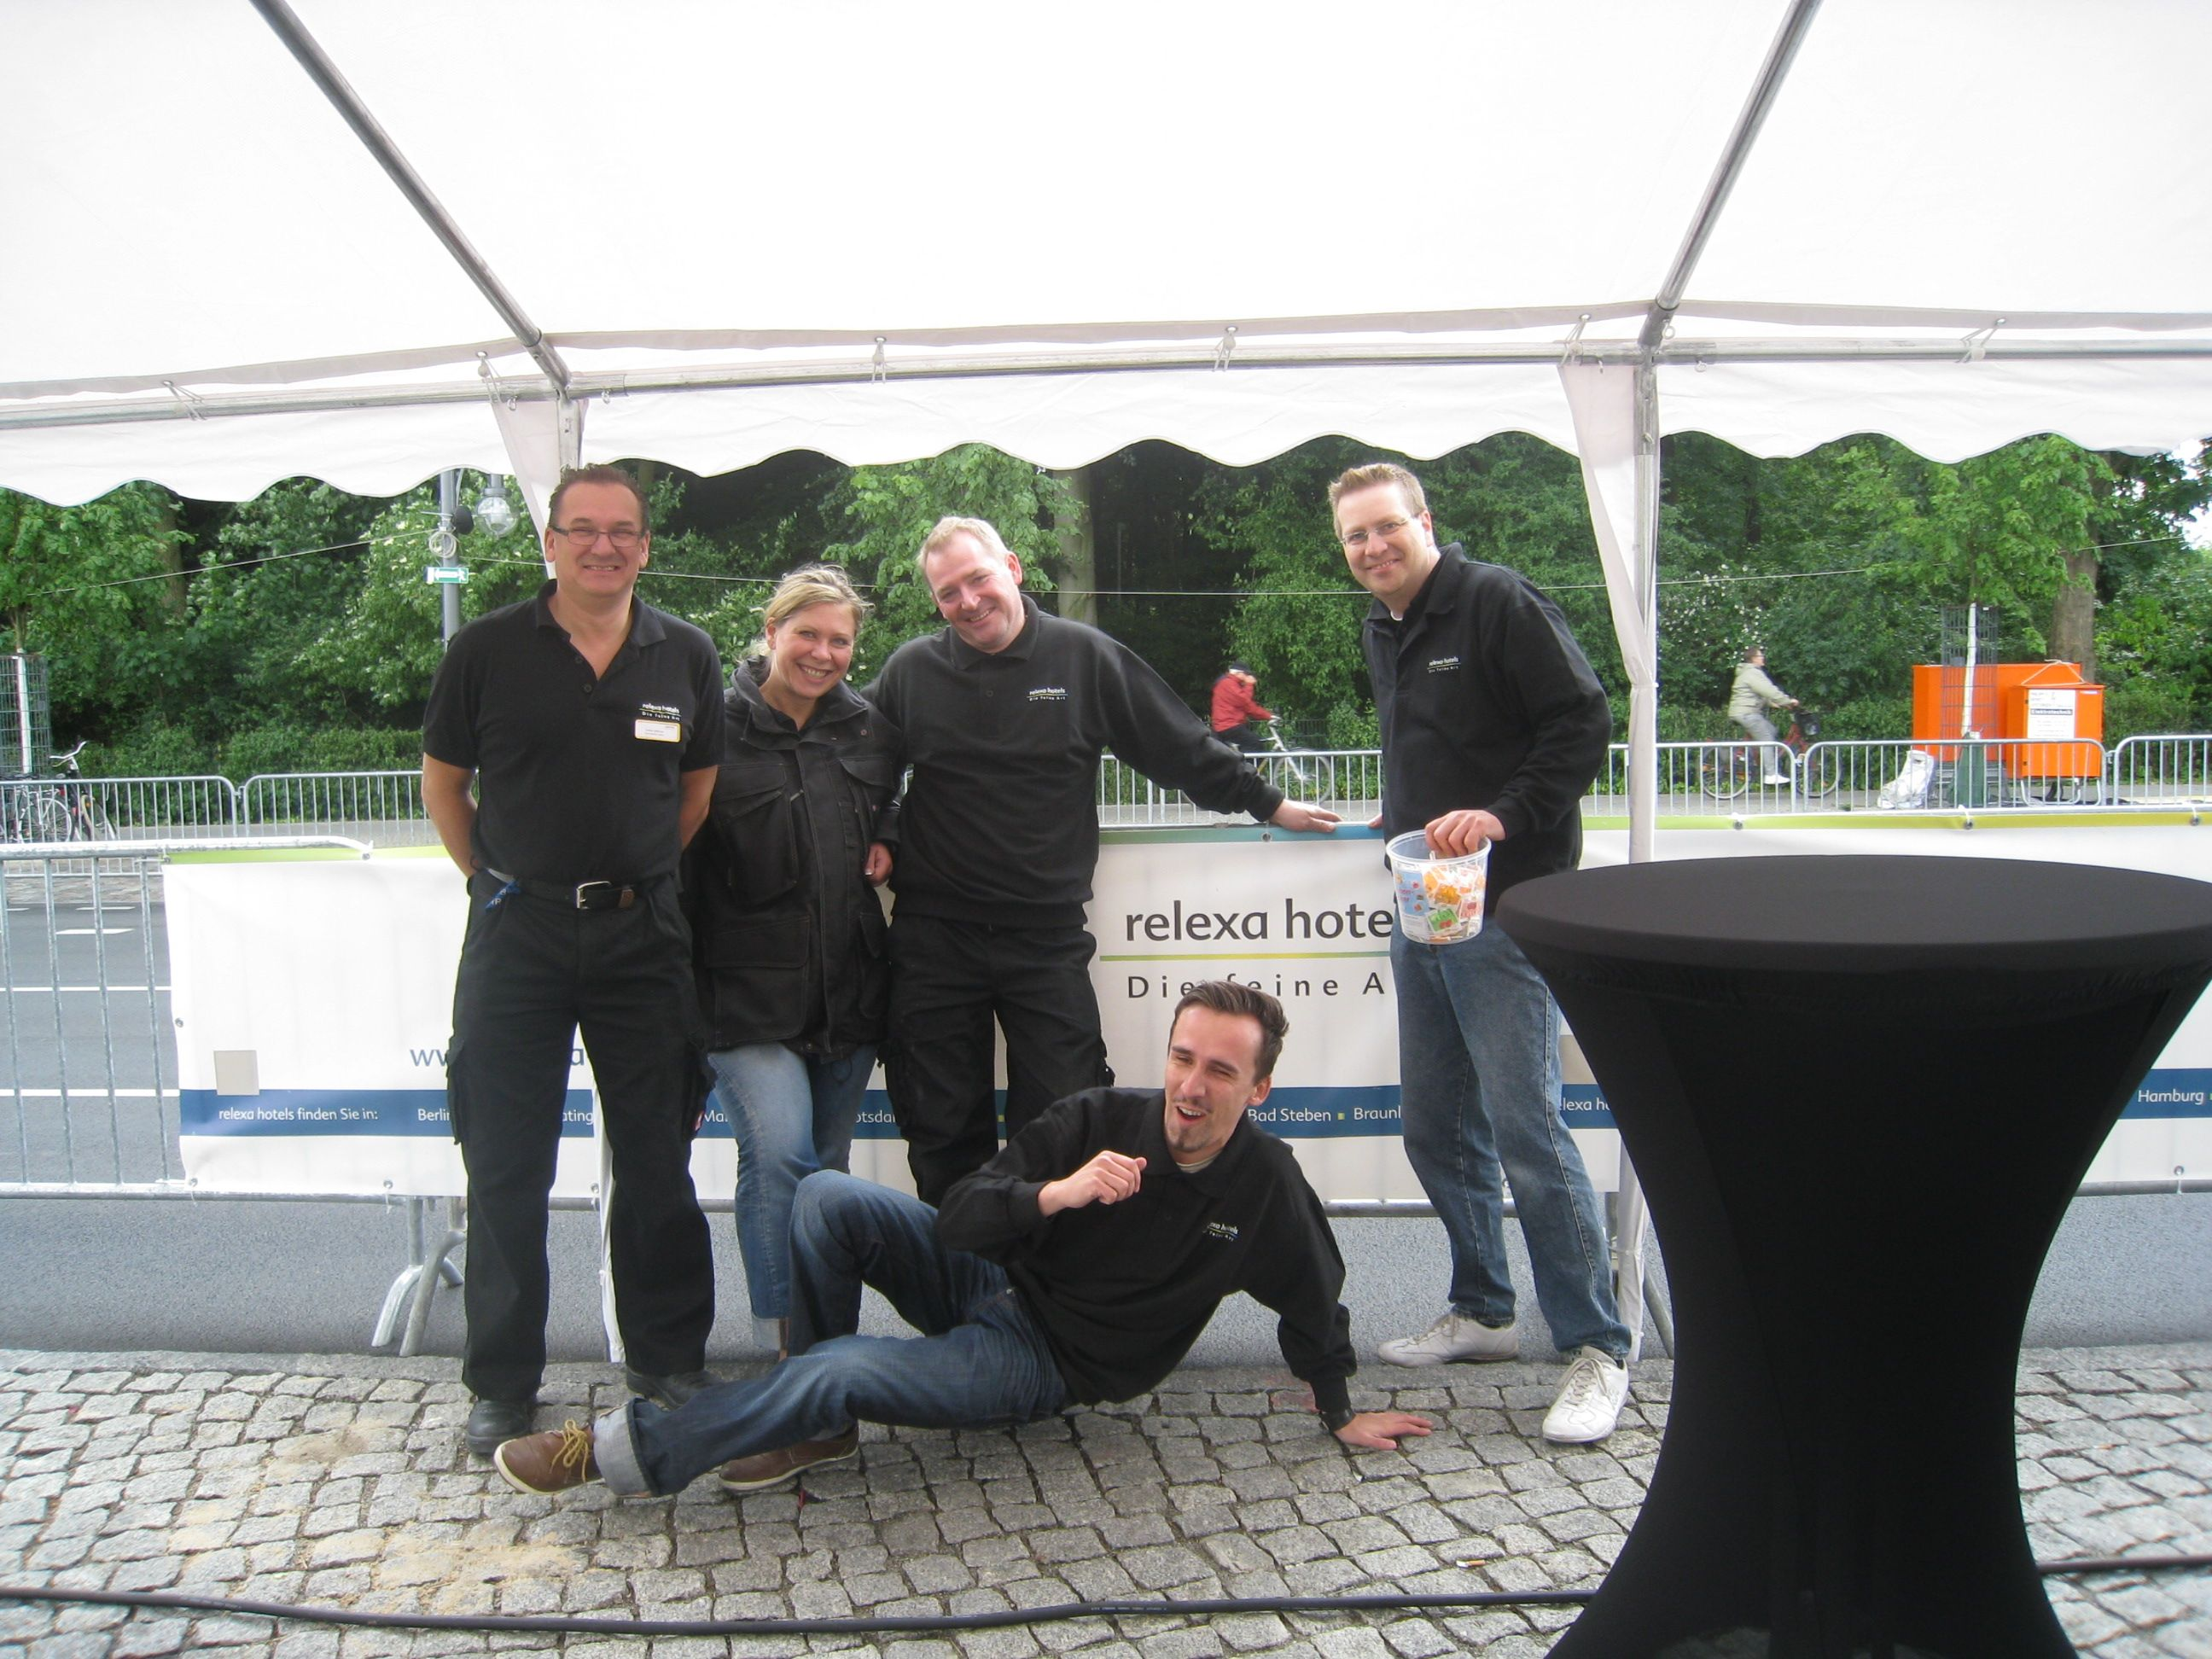 Das relexa Team aus Berlin war Teil des Berliner Firmenlaufs 2012. Sie versorgten die Teams mit Getränken, Snacks und guter Laune.